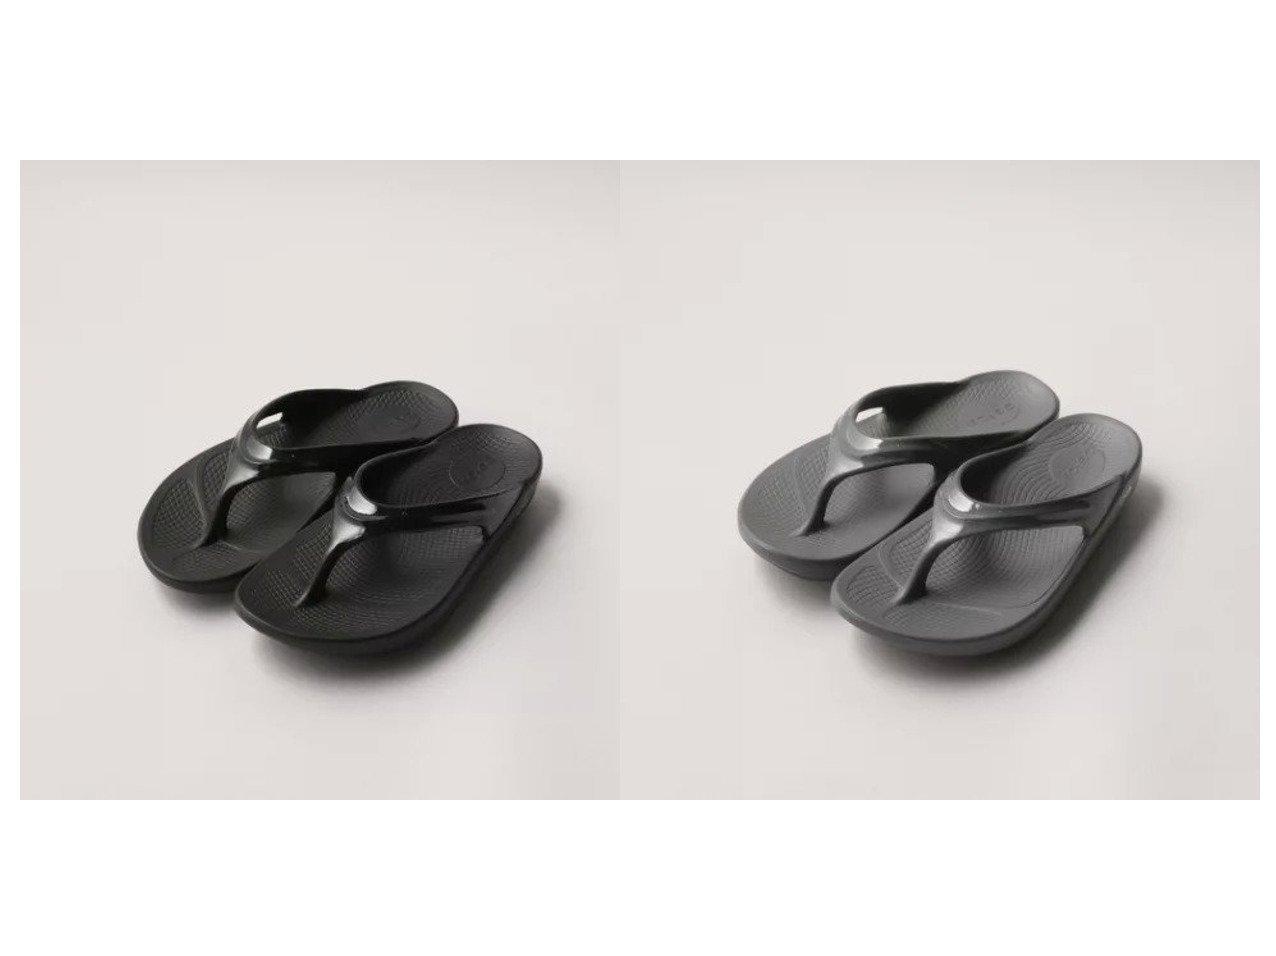 【Odette e Odile/オデット エ オディール】の【WEB限定】OOFOS oolala 【シューズ・靴】おすすめ!人気、トレンド・レディースファッションの通販 おすすめで人気の流行・トレンド、ファッションの通販商品 インテリア・家具・メンズファッション・キッズファッション・レディースファッション・服の通販 founy(ファニー) https://founy.com/ ファッション Fashion レディースファッション WOMEN おすすめ Recommend サンダル シューズ フィット |ID:crp329100000049725